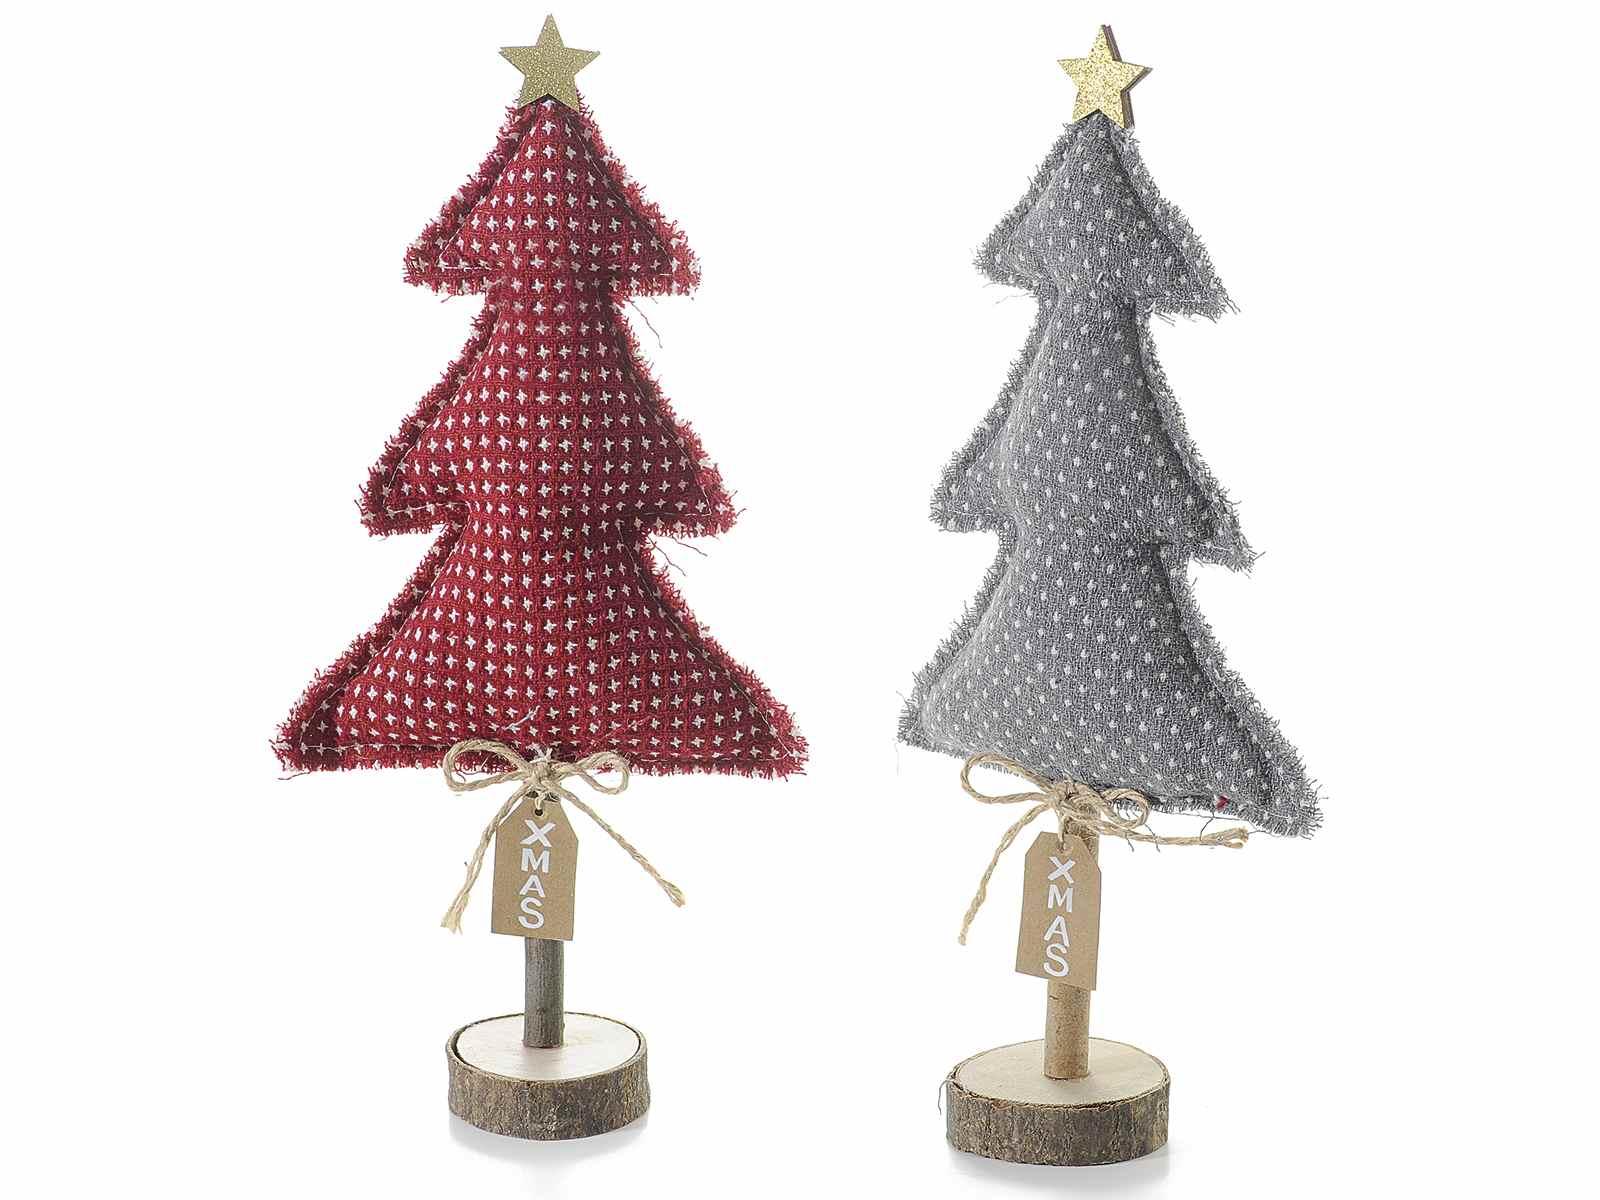 arbol de navidad de madera y tela - Arbol De Navidad De Tela